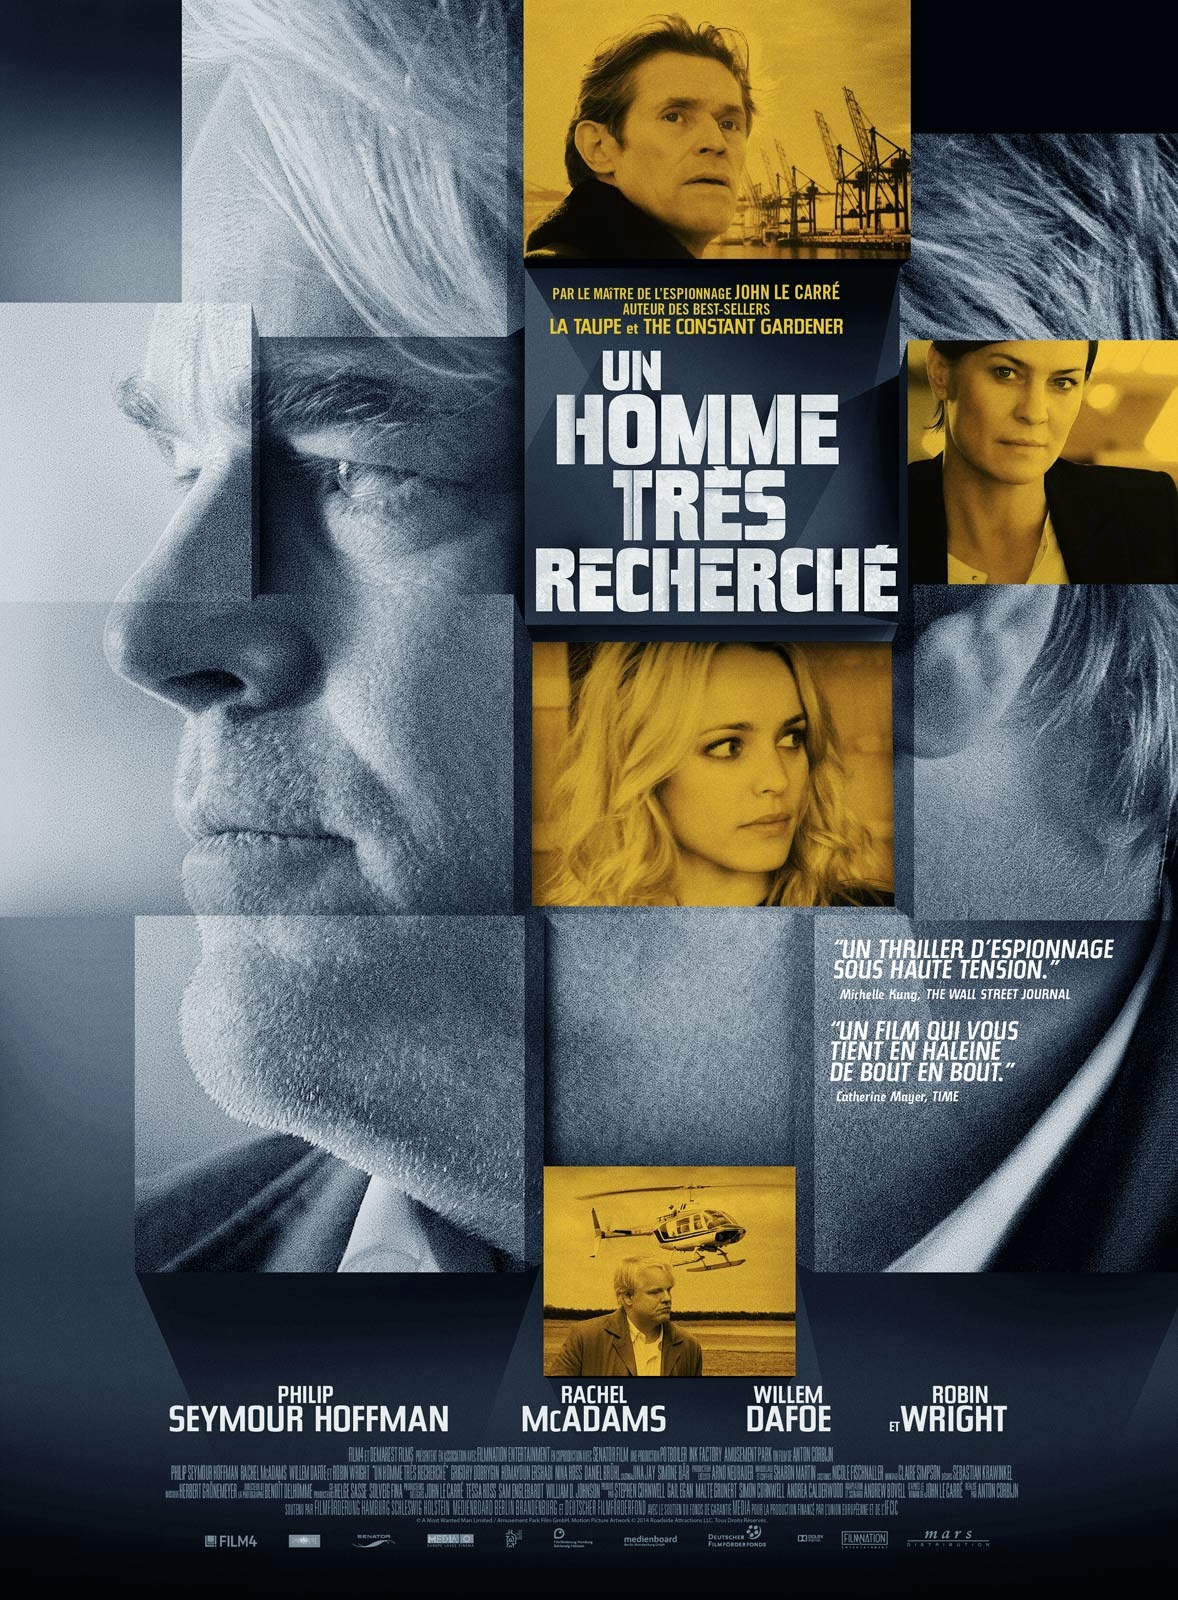 http://fuckingcinephiles.blogspot.fr/2014/09/critique-un-homme-tres-recherche.html